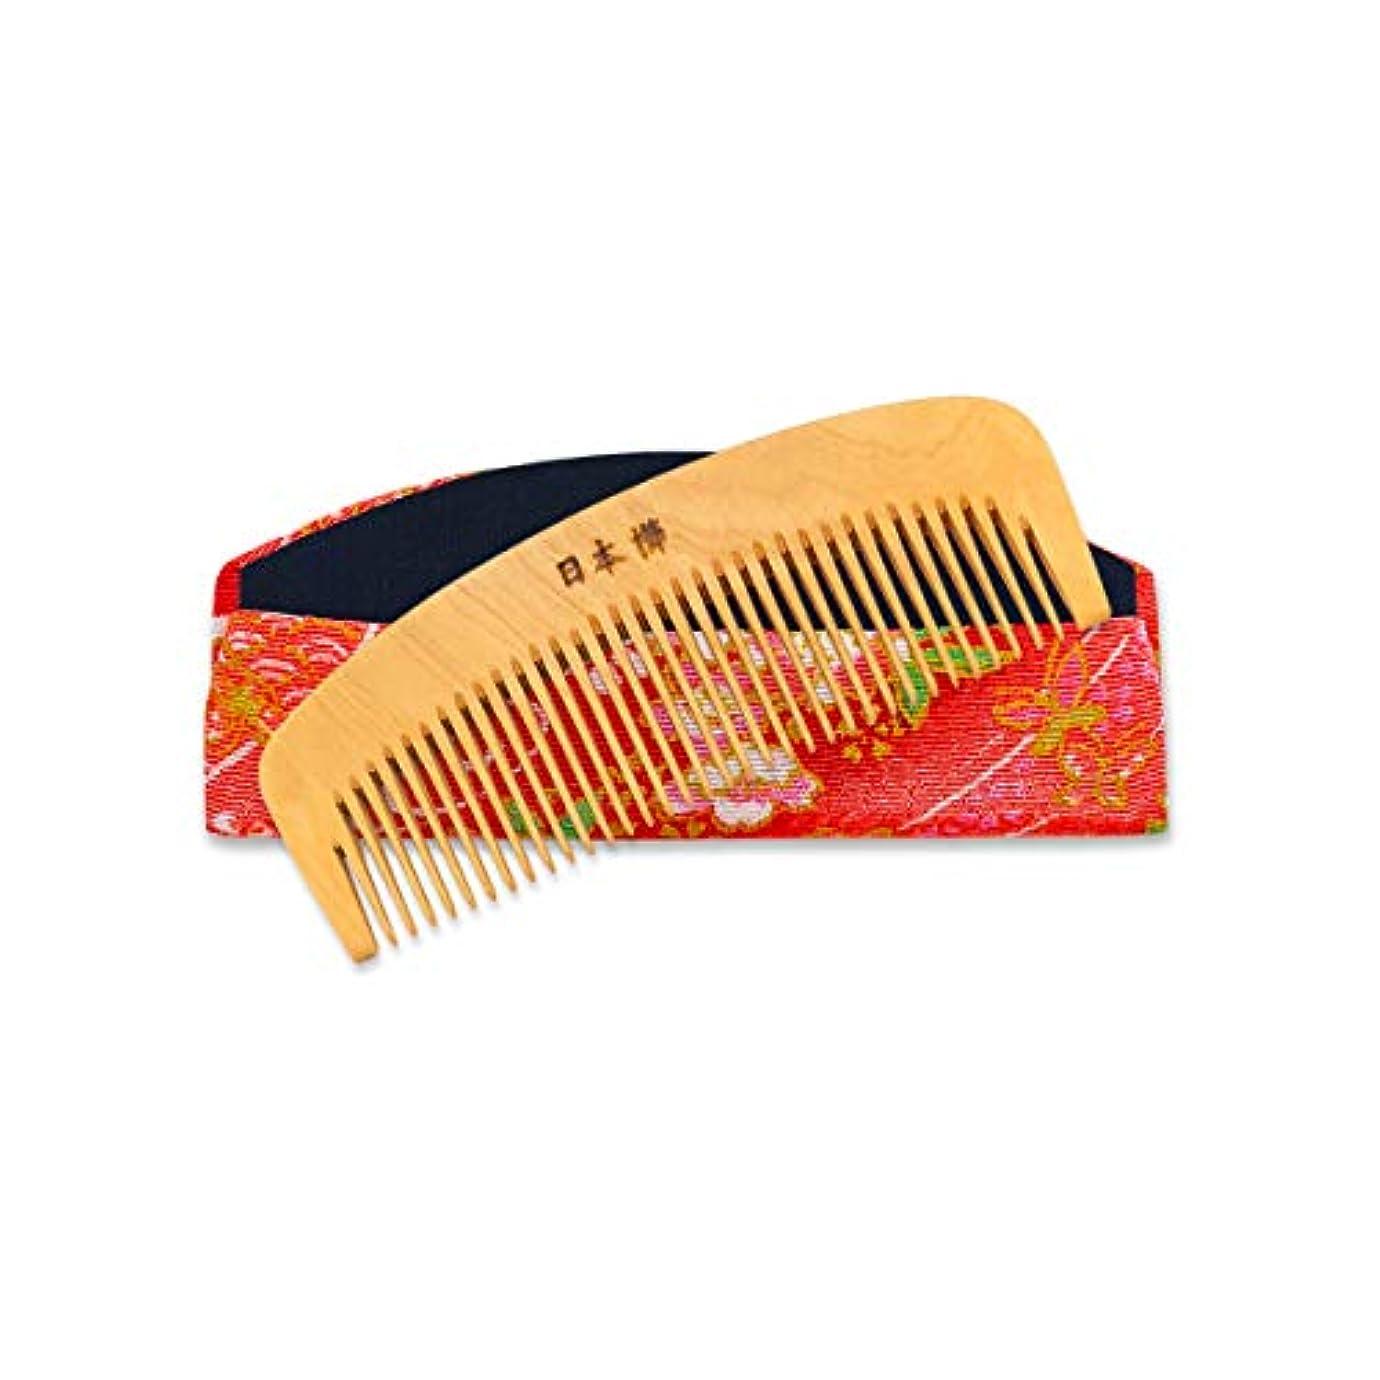 花スピリチュアルバース本つげ櫛 3寸 とかし櫛 ケース付 椿油 静電気防止 つげ櫛 伝統工芸品 国産 日本製